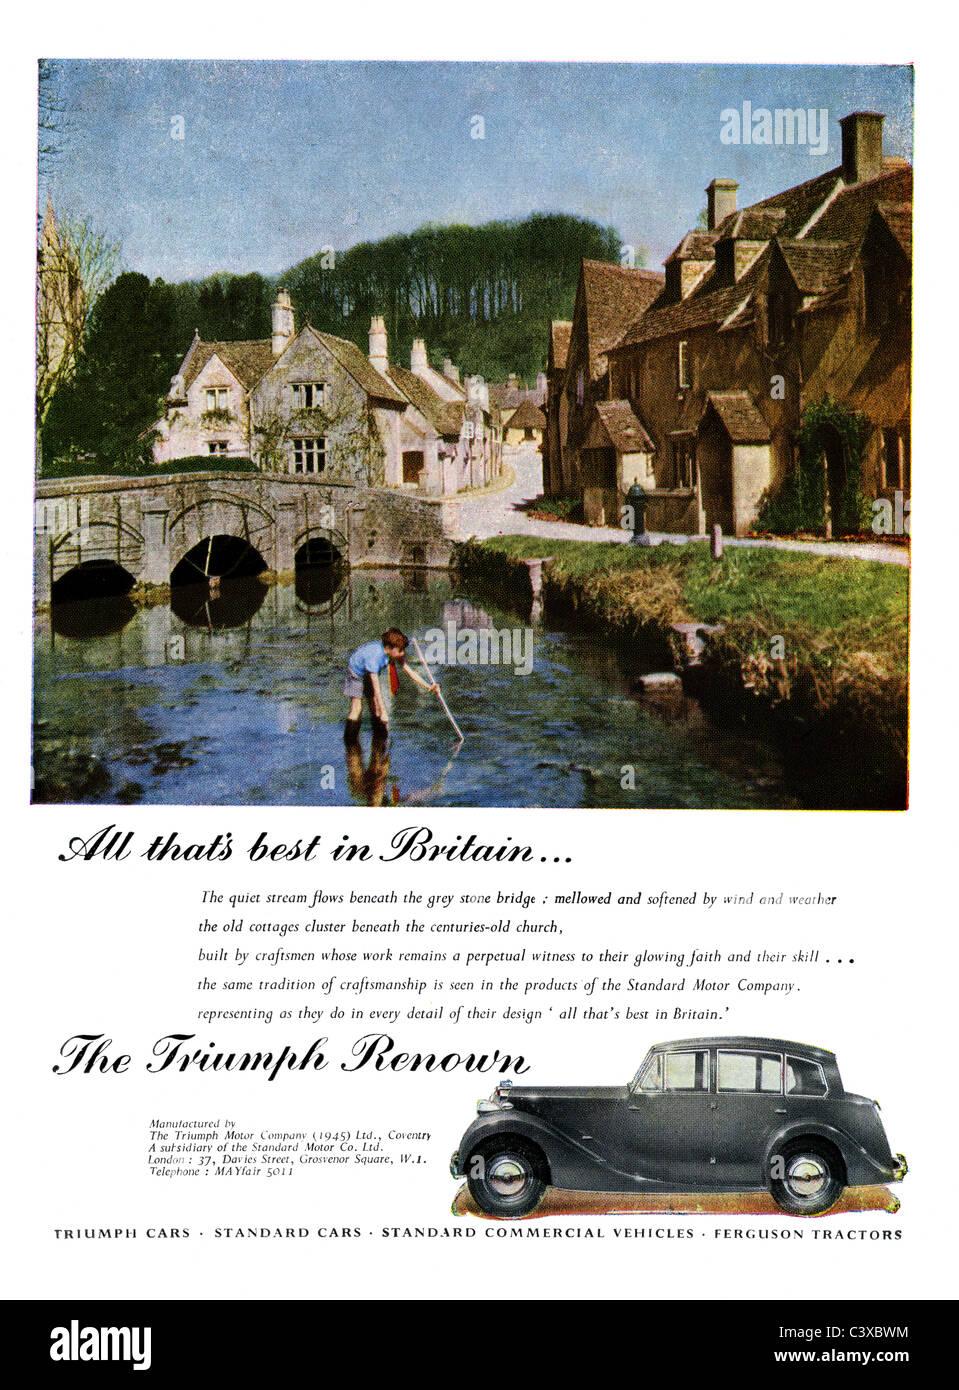 Publicité pour la Triumph Motor Company's location de la renommée, de la triump Festival of Britain guide, publié Banque D'Images